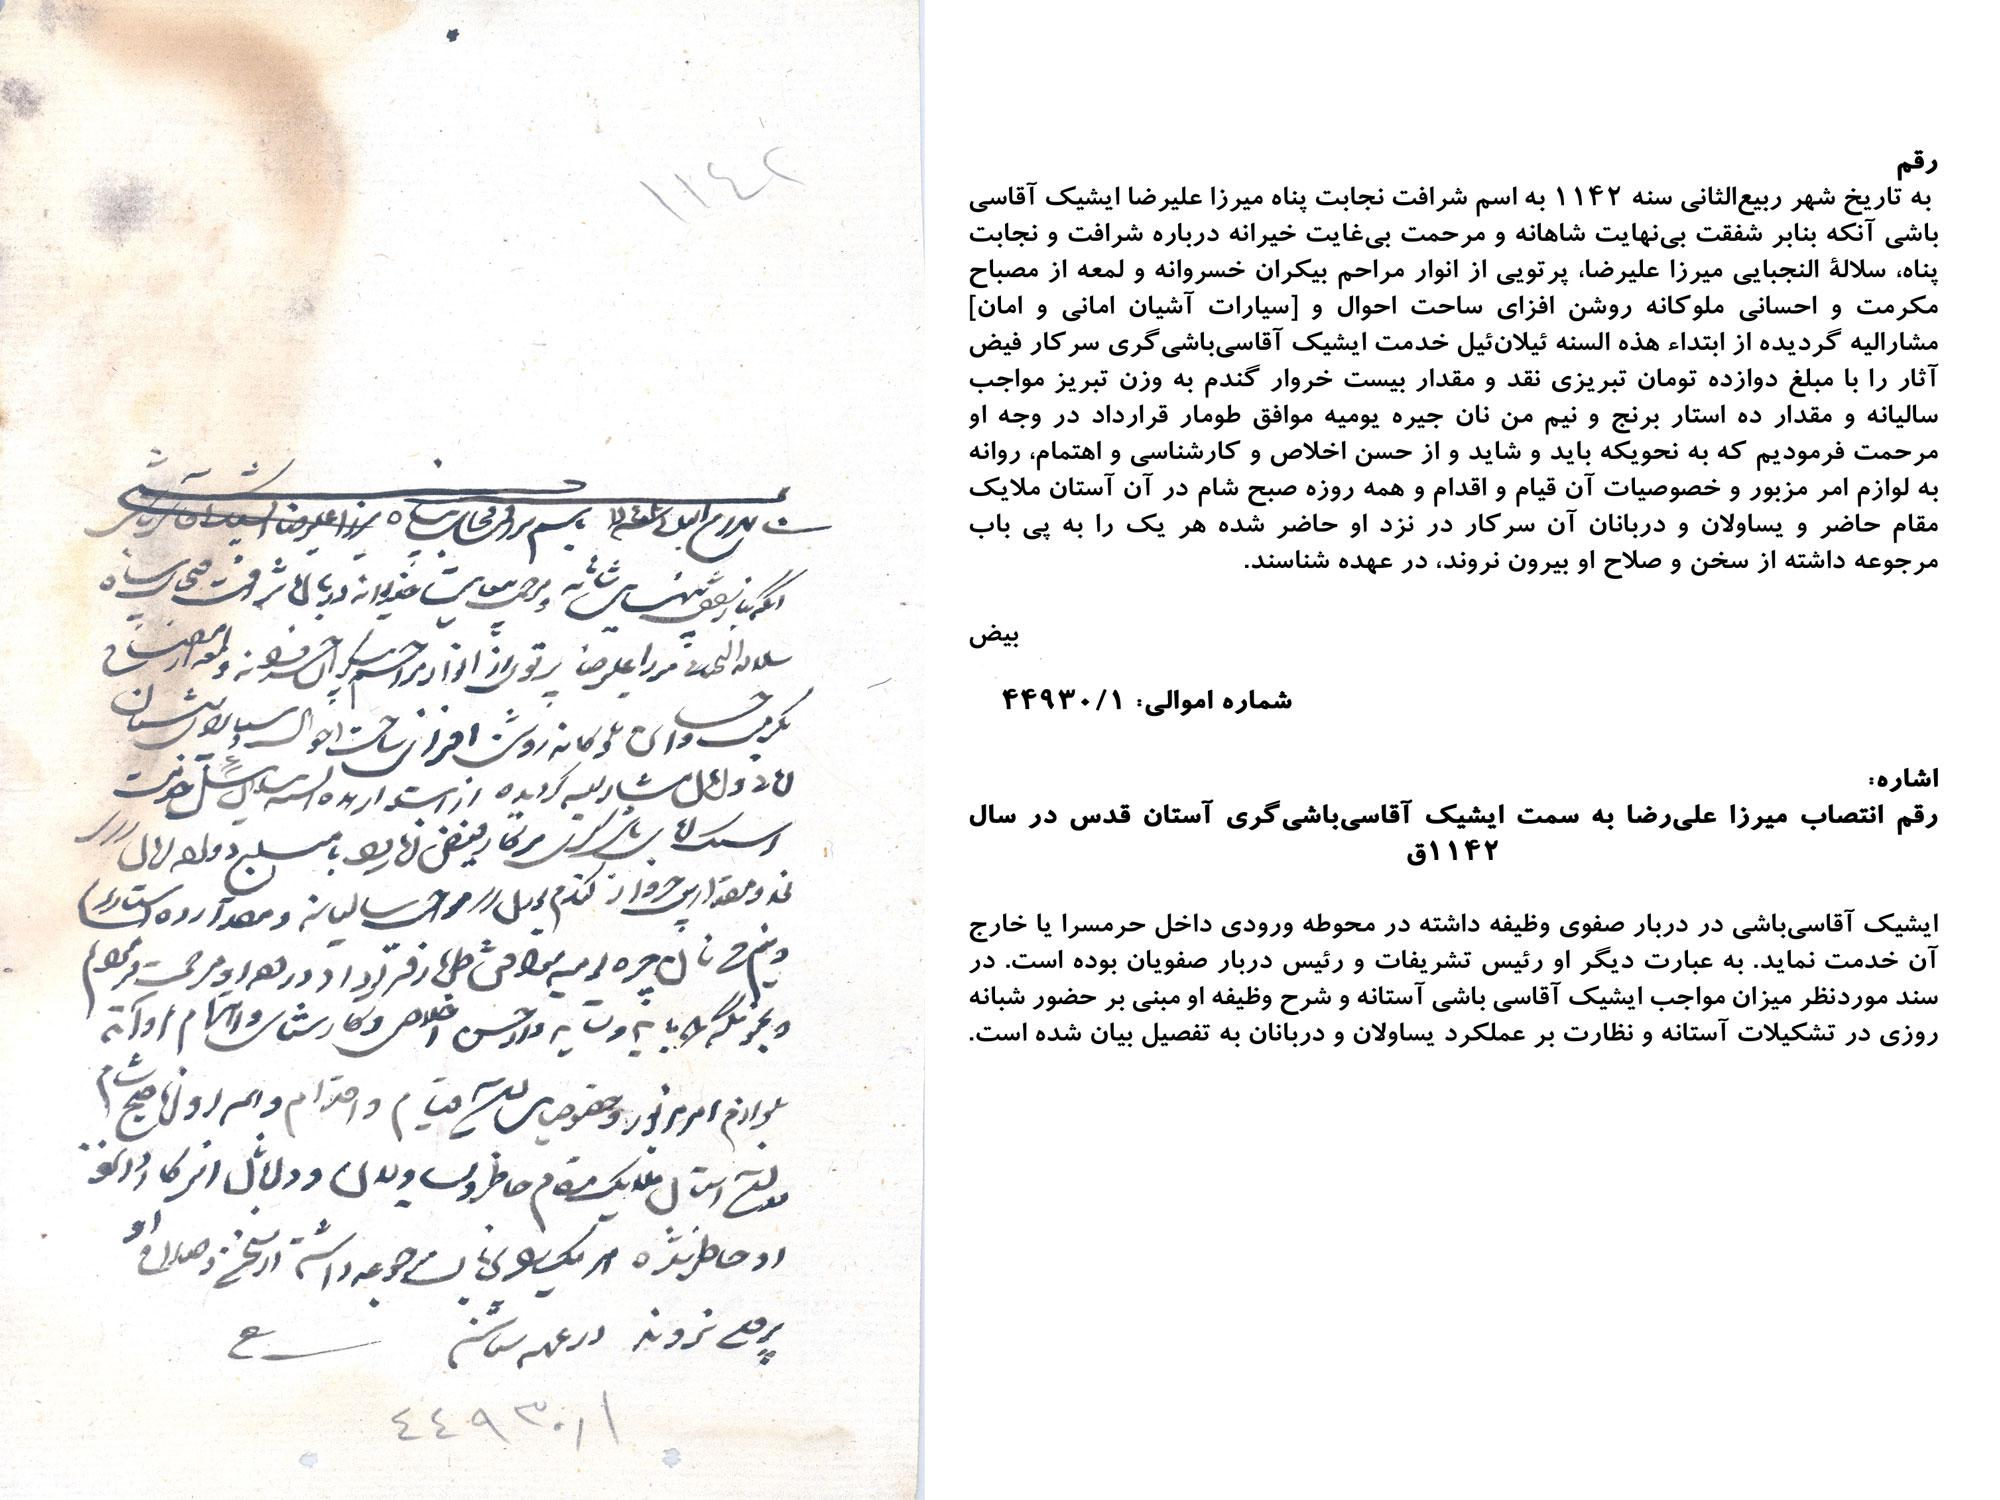 Documenti amministrativi di Astan-e Qods Razavi nell'era di Safavidi Documenti amministrativi di Astan-e Qods Razavi nell'era di Safavidi